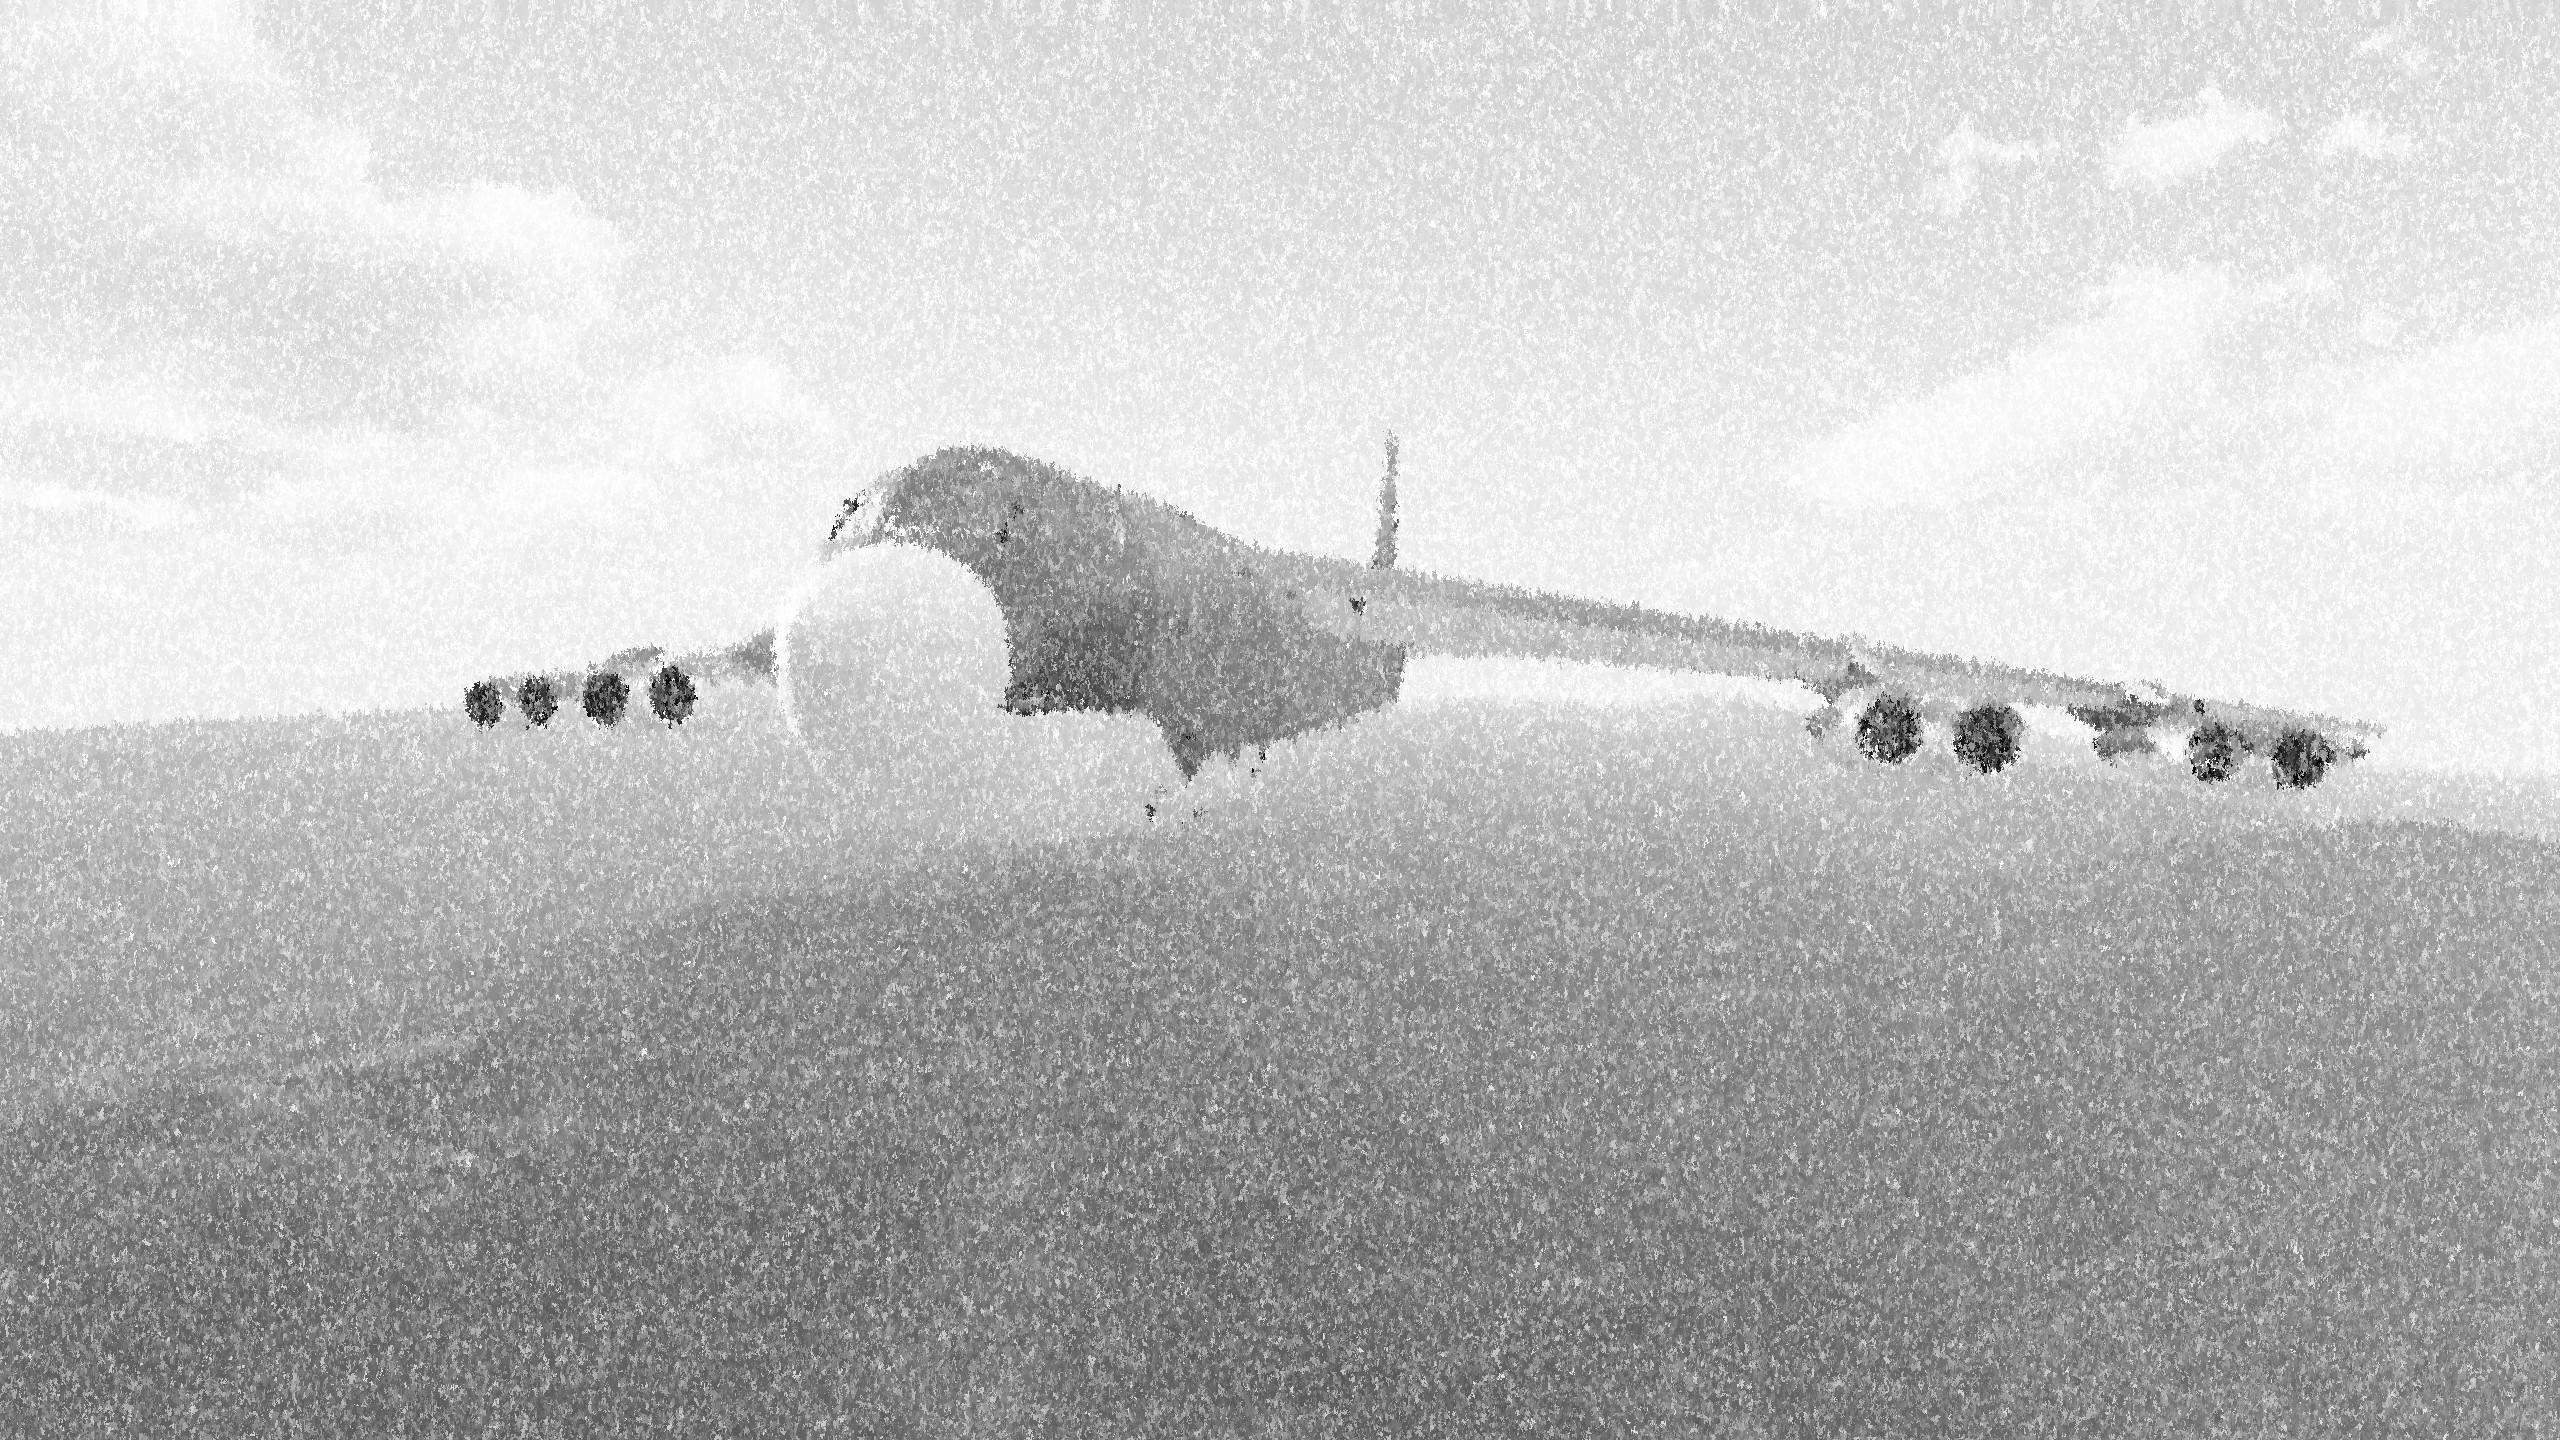 b-52-1.jpg